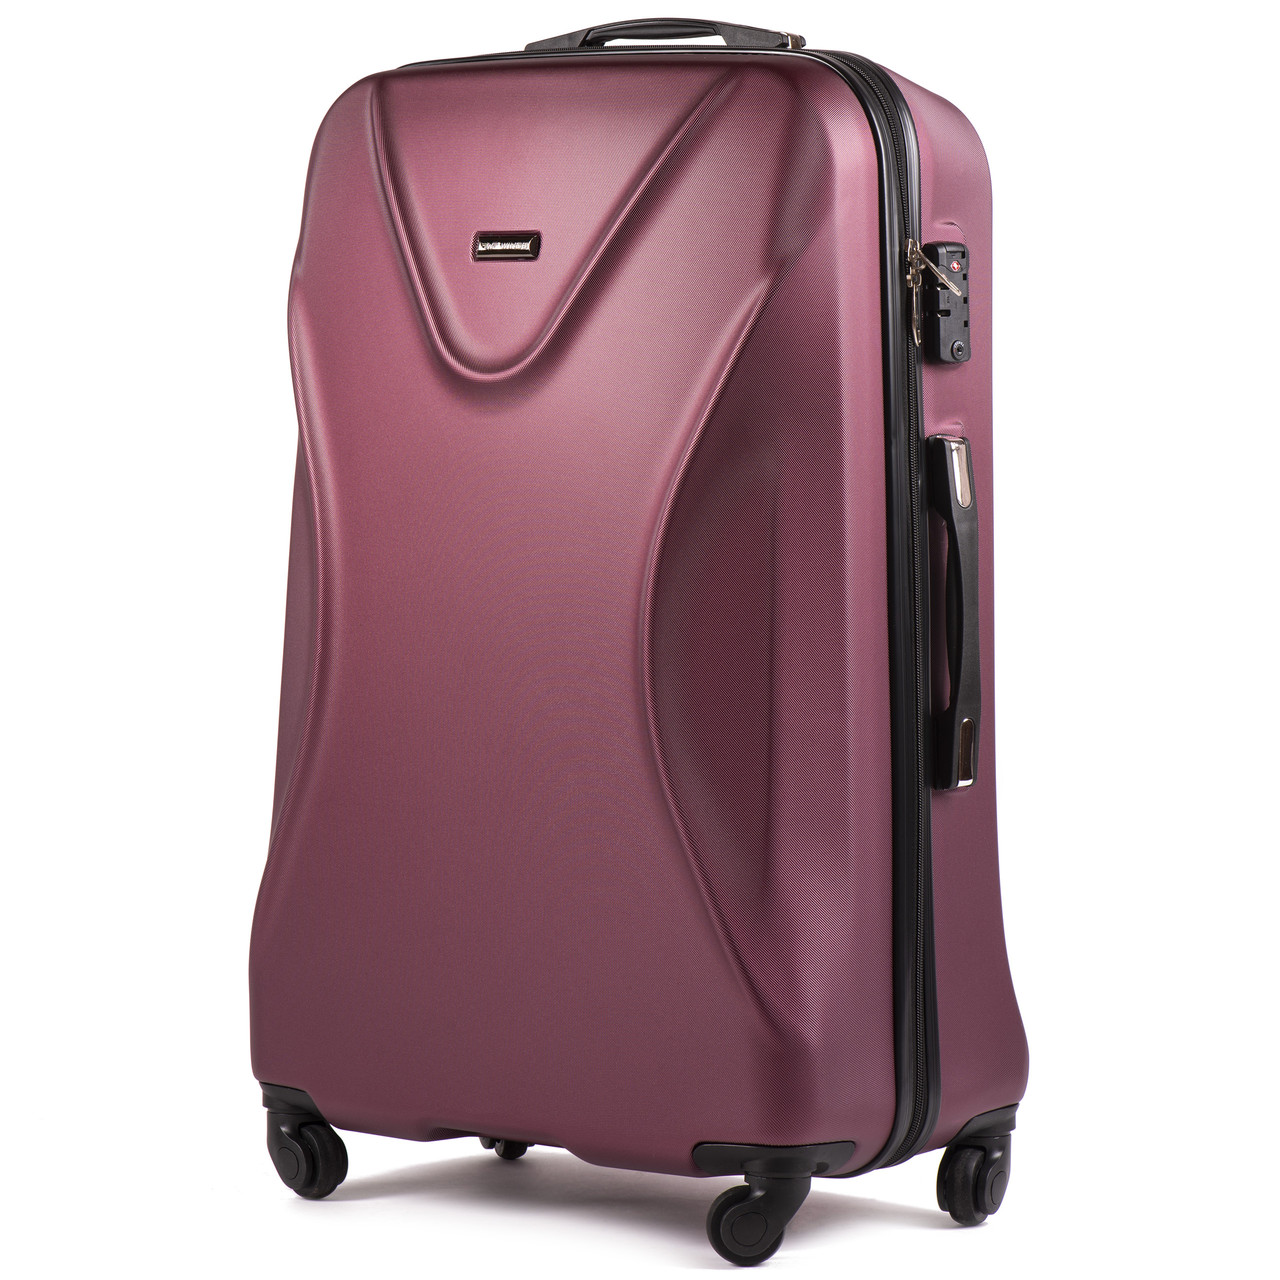 Средний пластиковый чемодан Wings 518 на 4 колесах бордовый